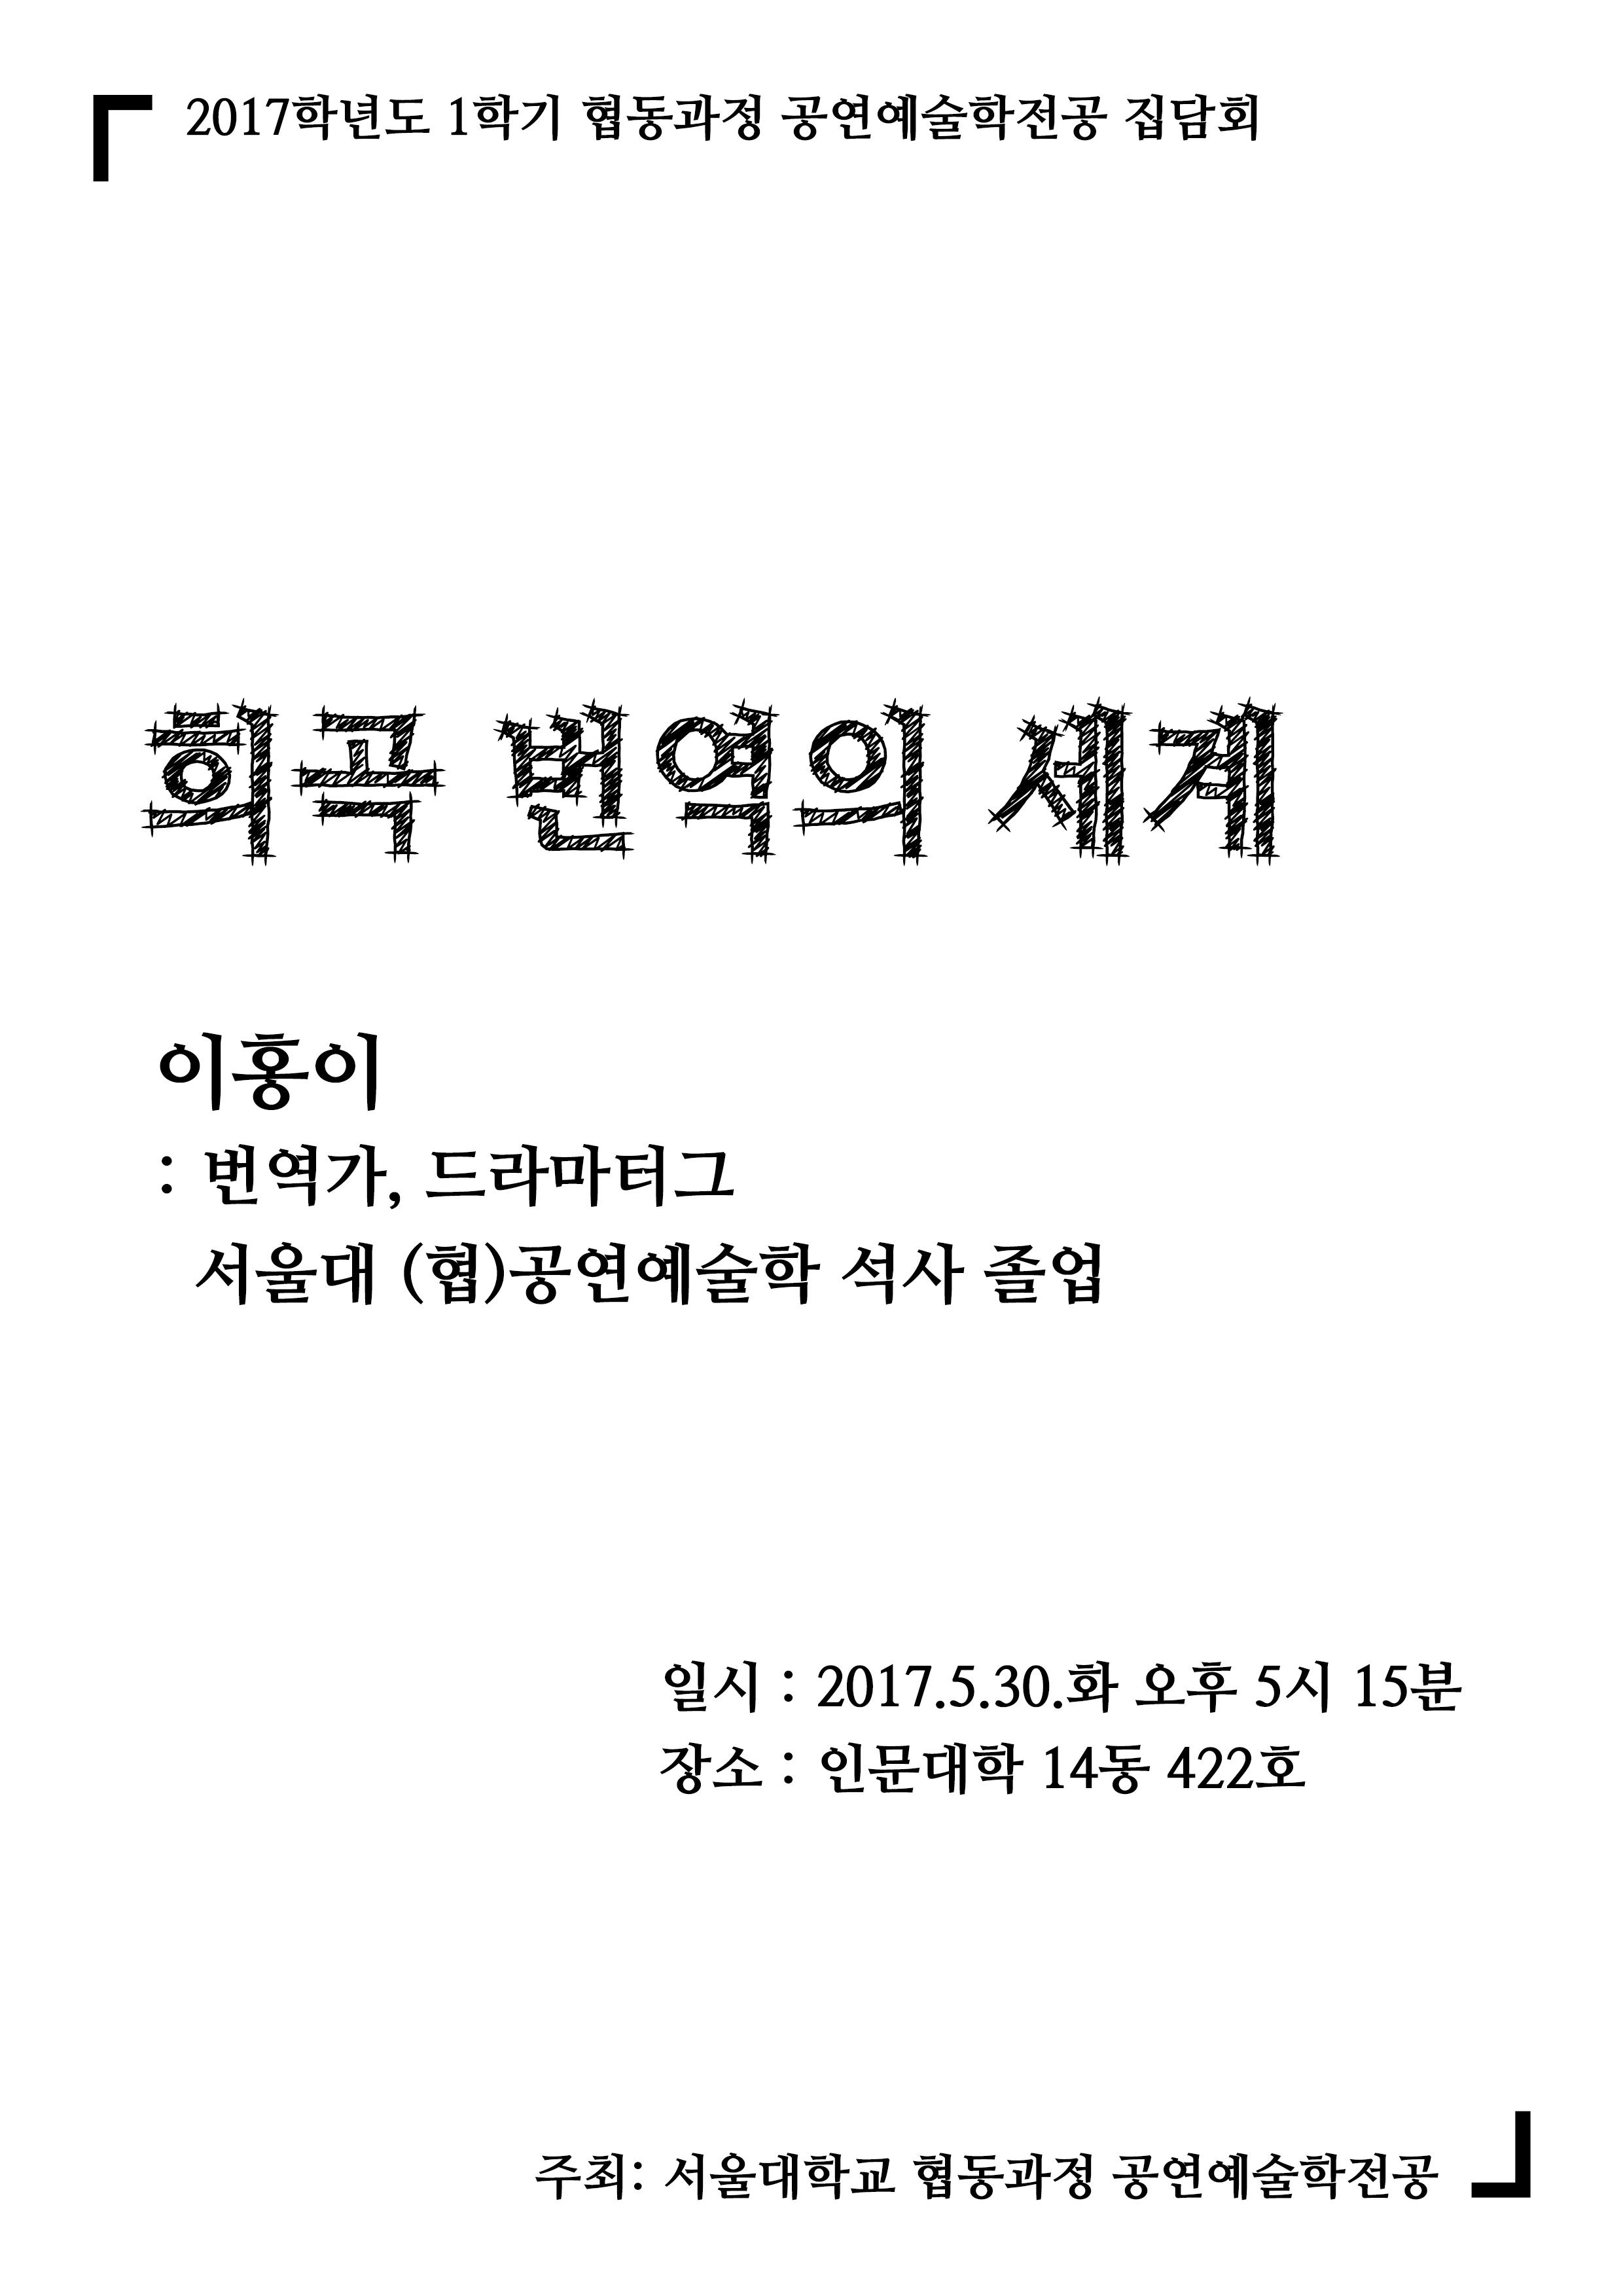 집담회포스터_번역_0530.jpg